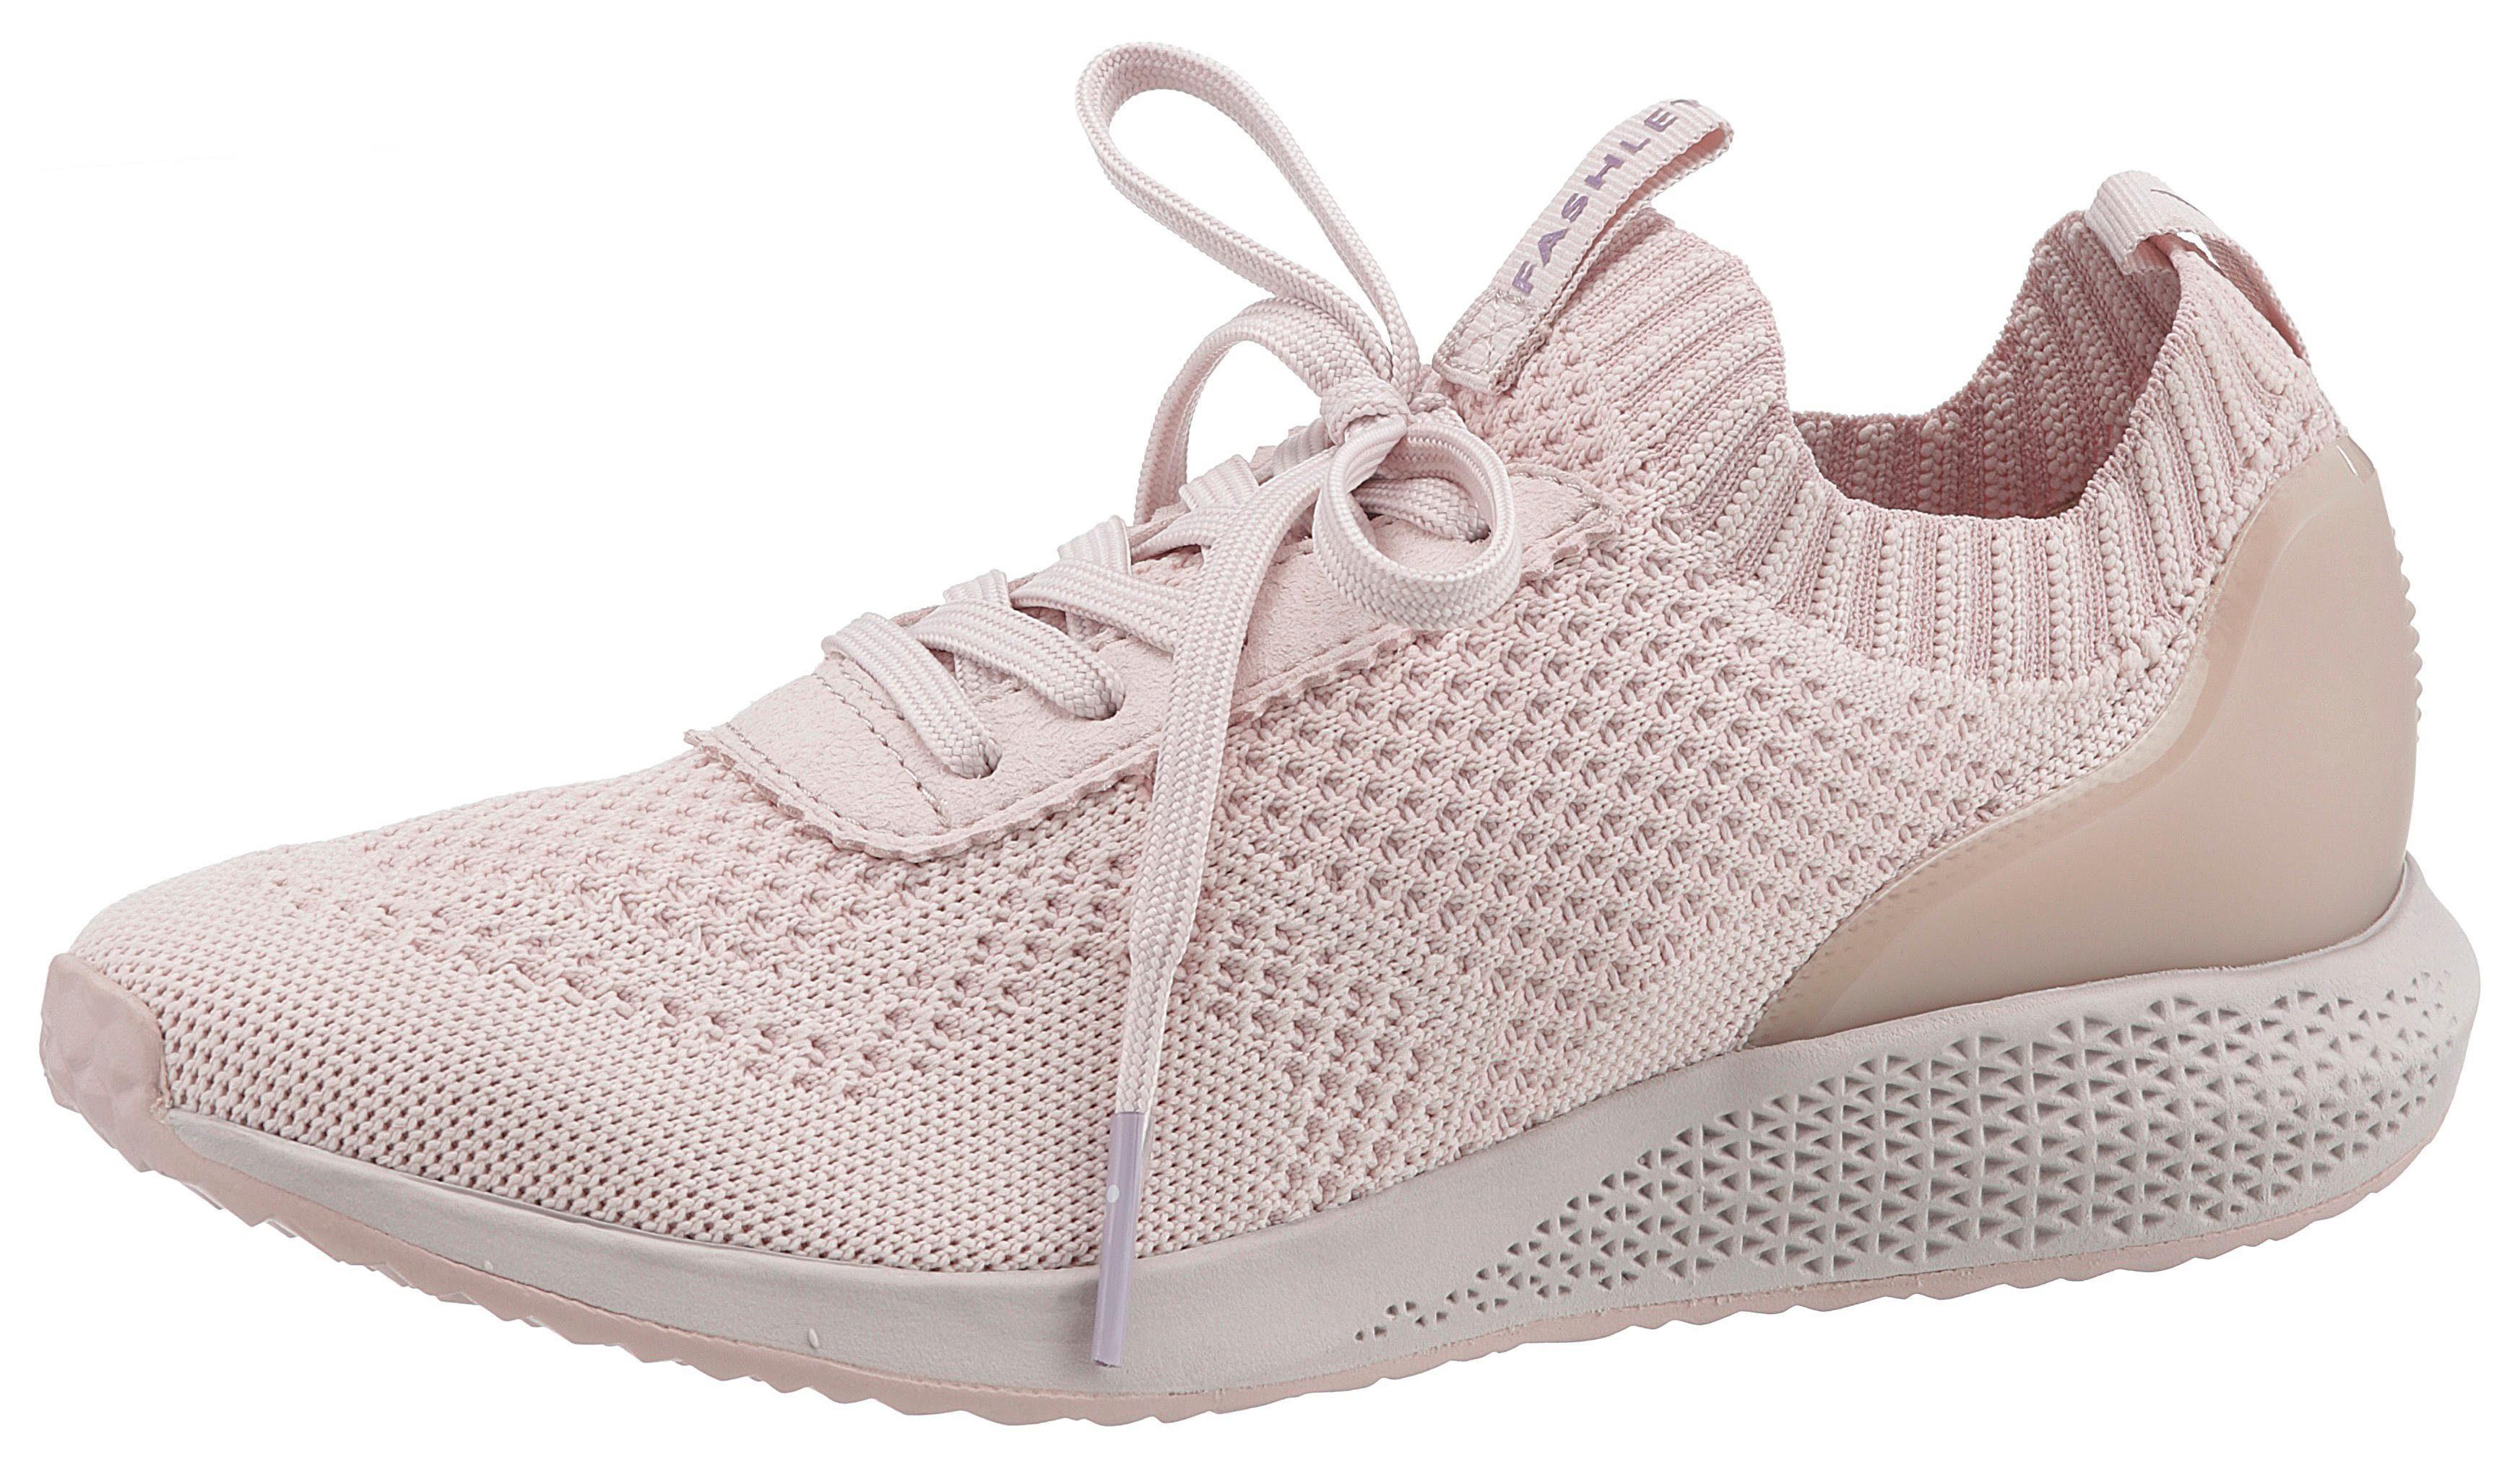 Sneaker Mit Tamaris »fashletics« Sockenähnlichen Online Schaft Yf7g6by